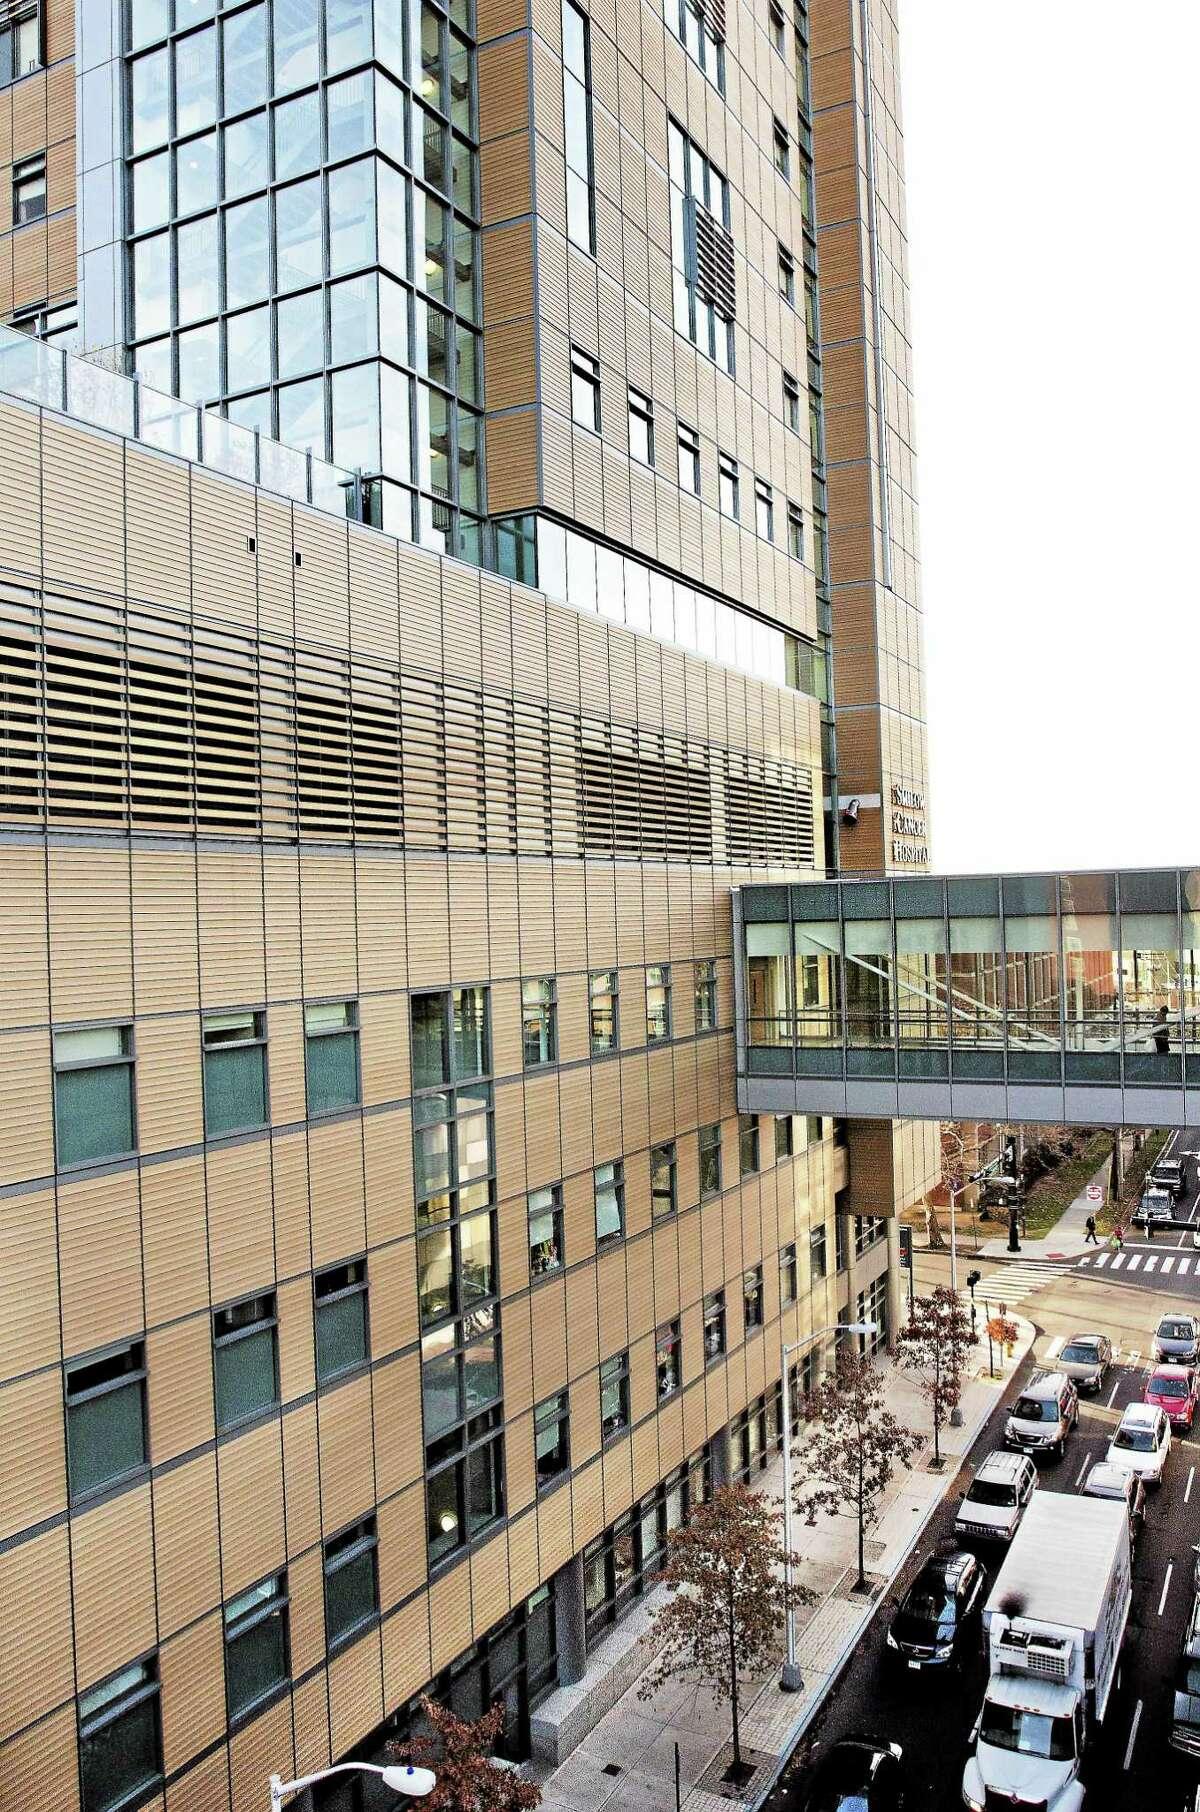 Smilow Cancer Hospital